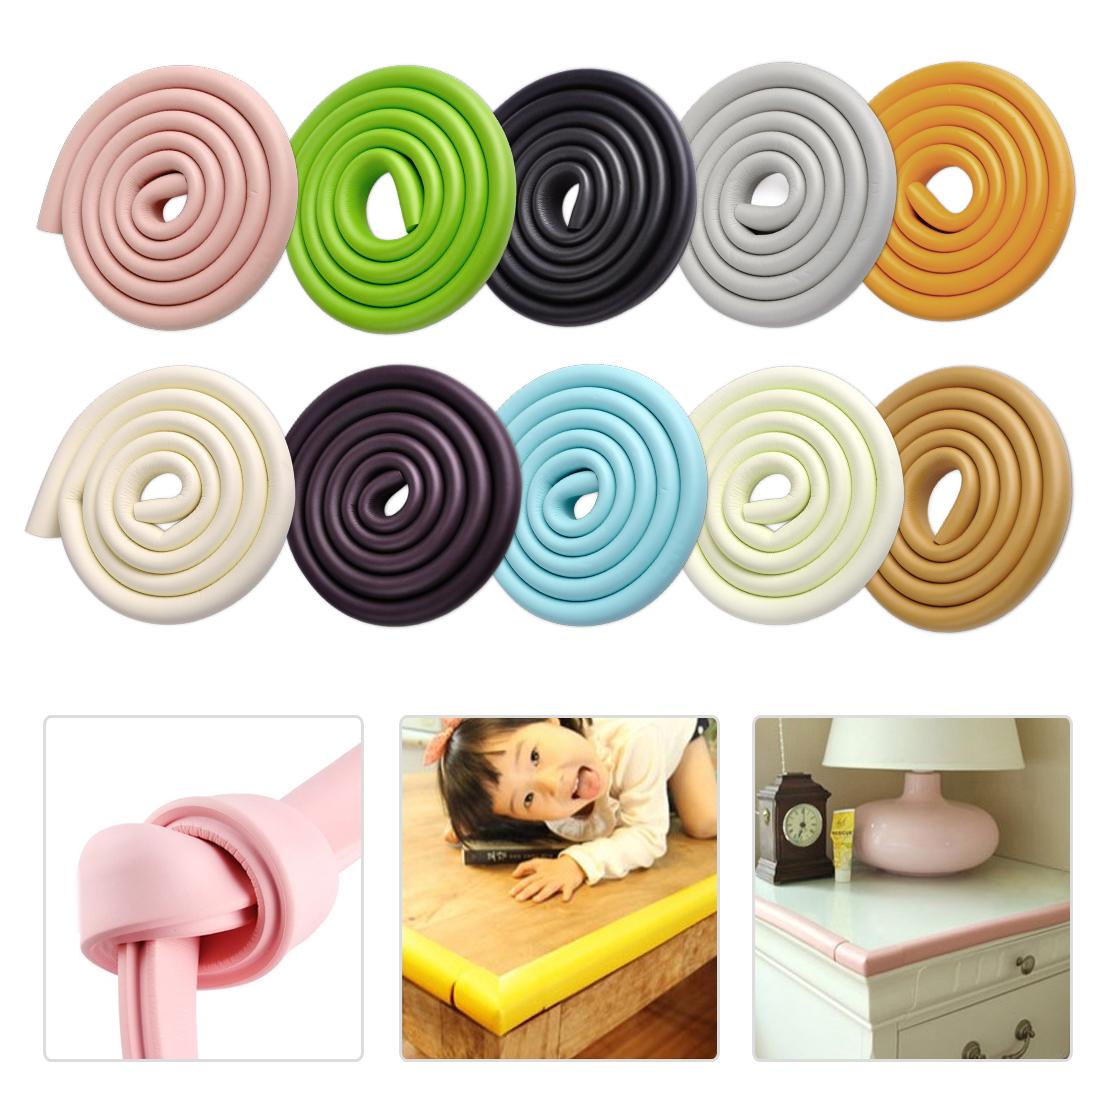 1x 2M Eckschutz Kantenschutz für Kinder Baby Tisch Schaumstoff Leiste Sicherung